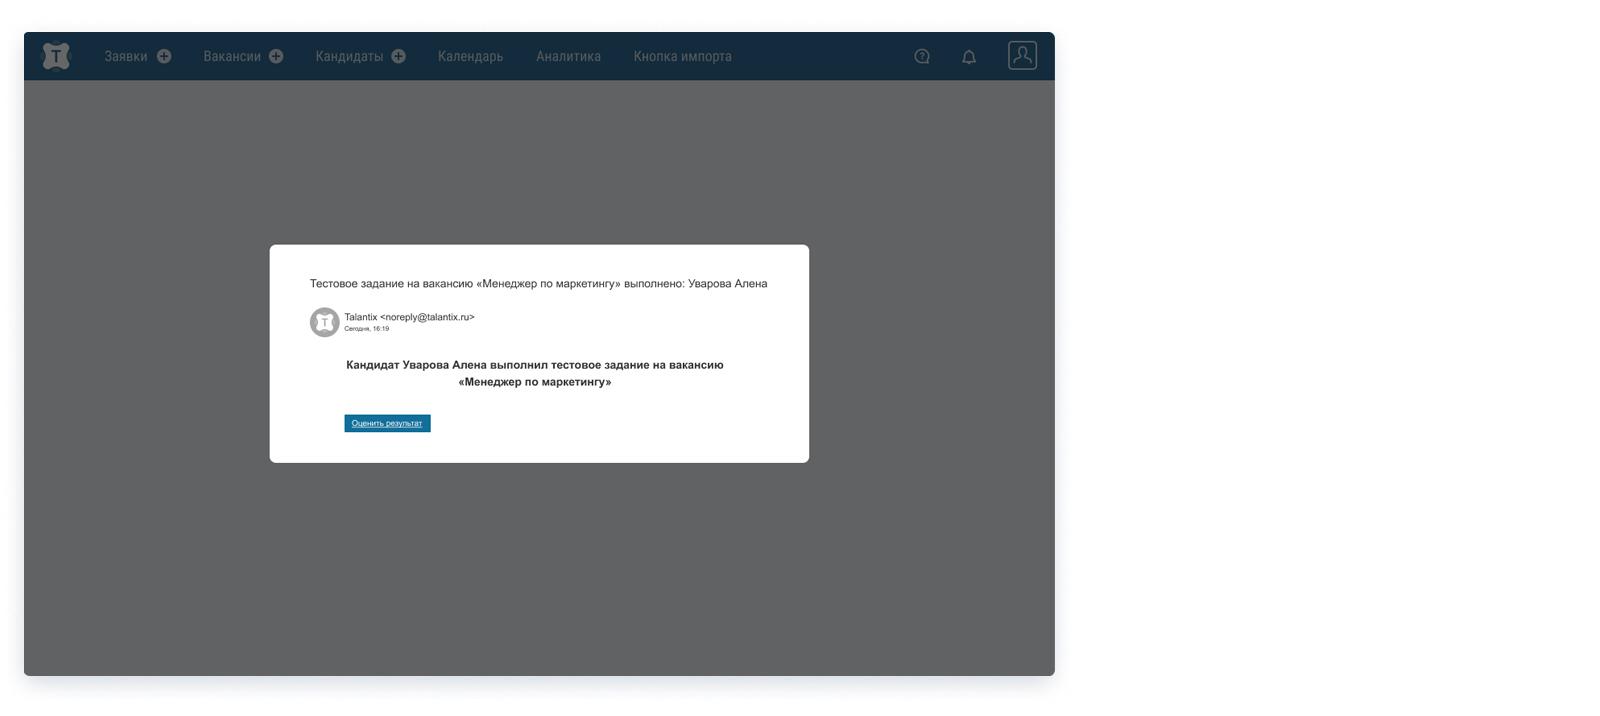 Что нового в Talantix: треккинг писем, интеграция с Telegram, push-уведомления